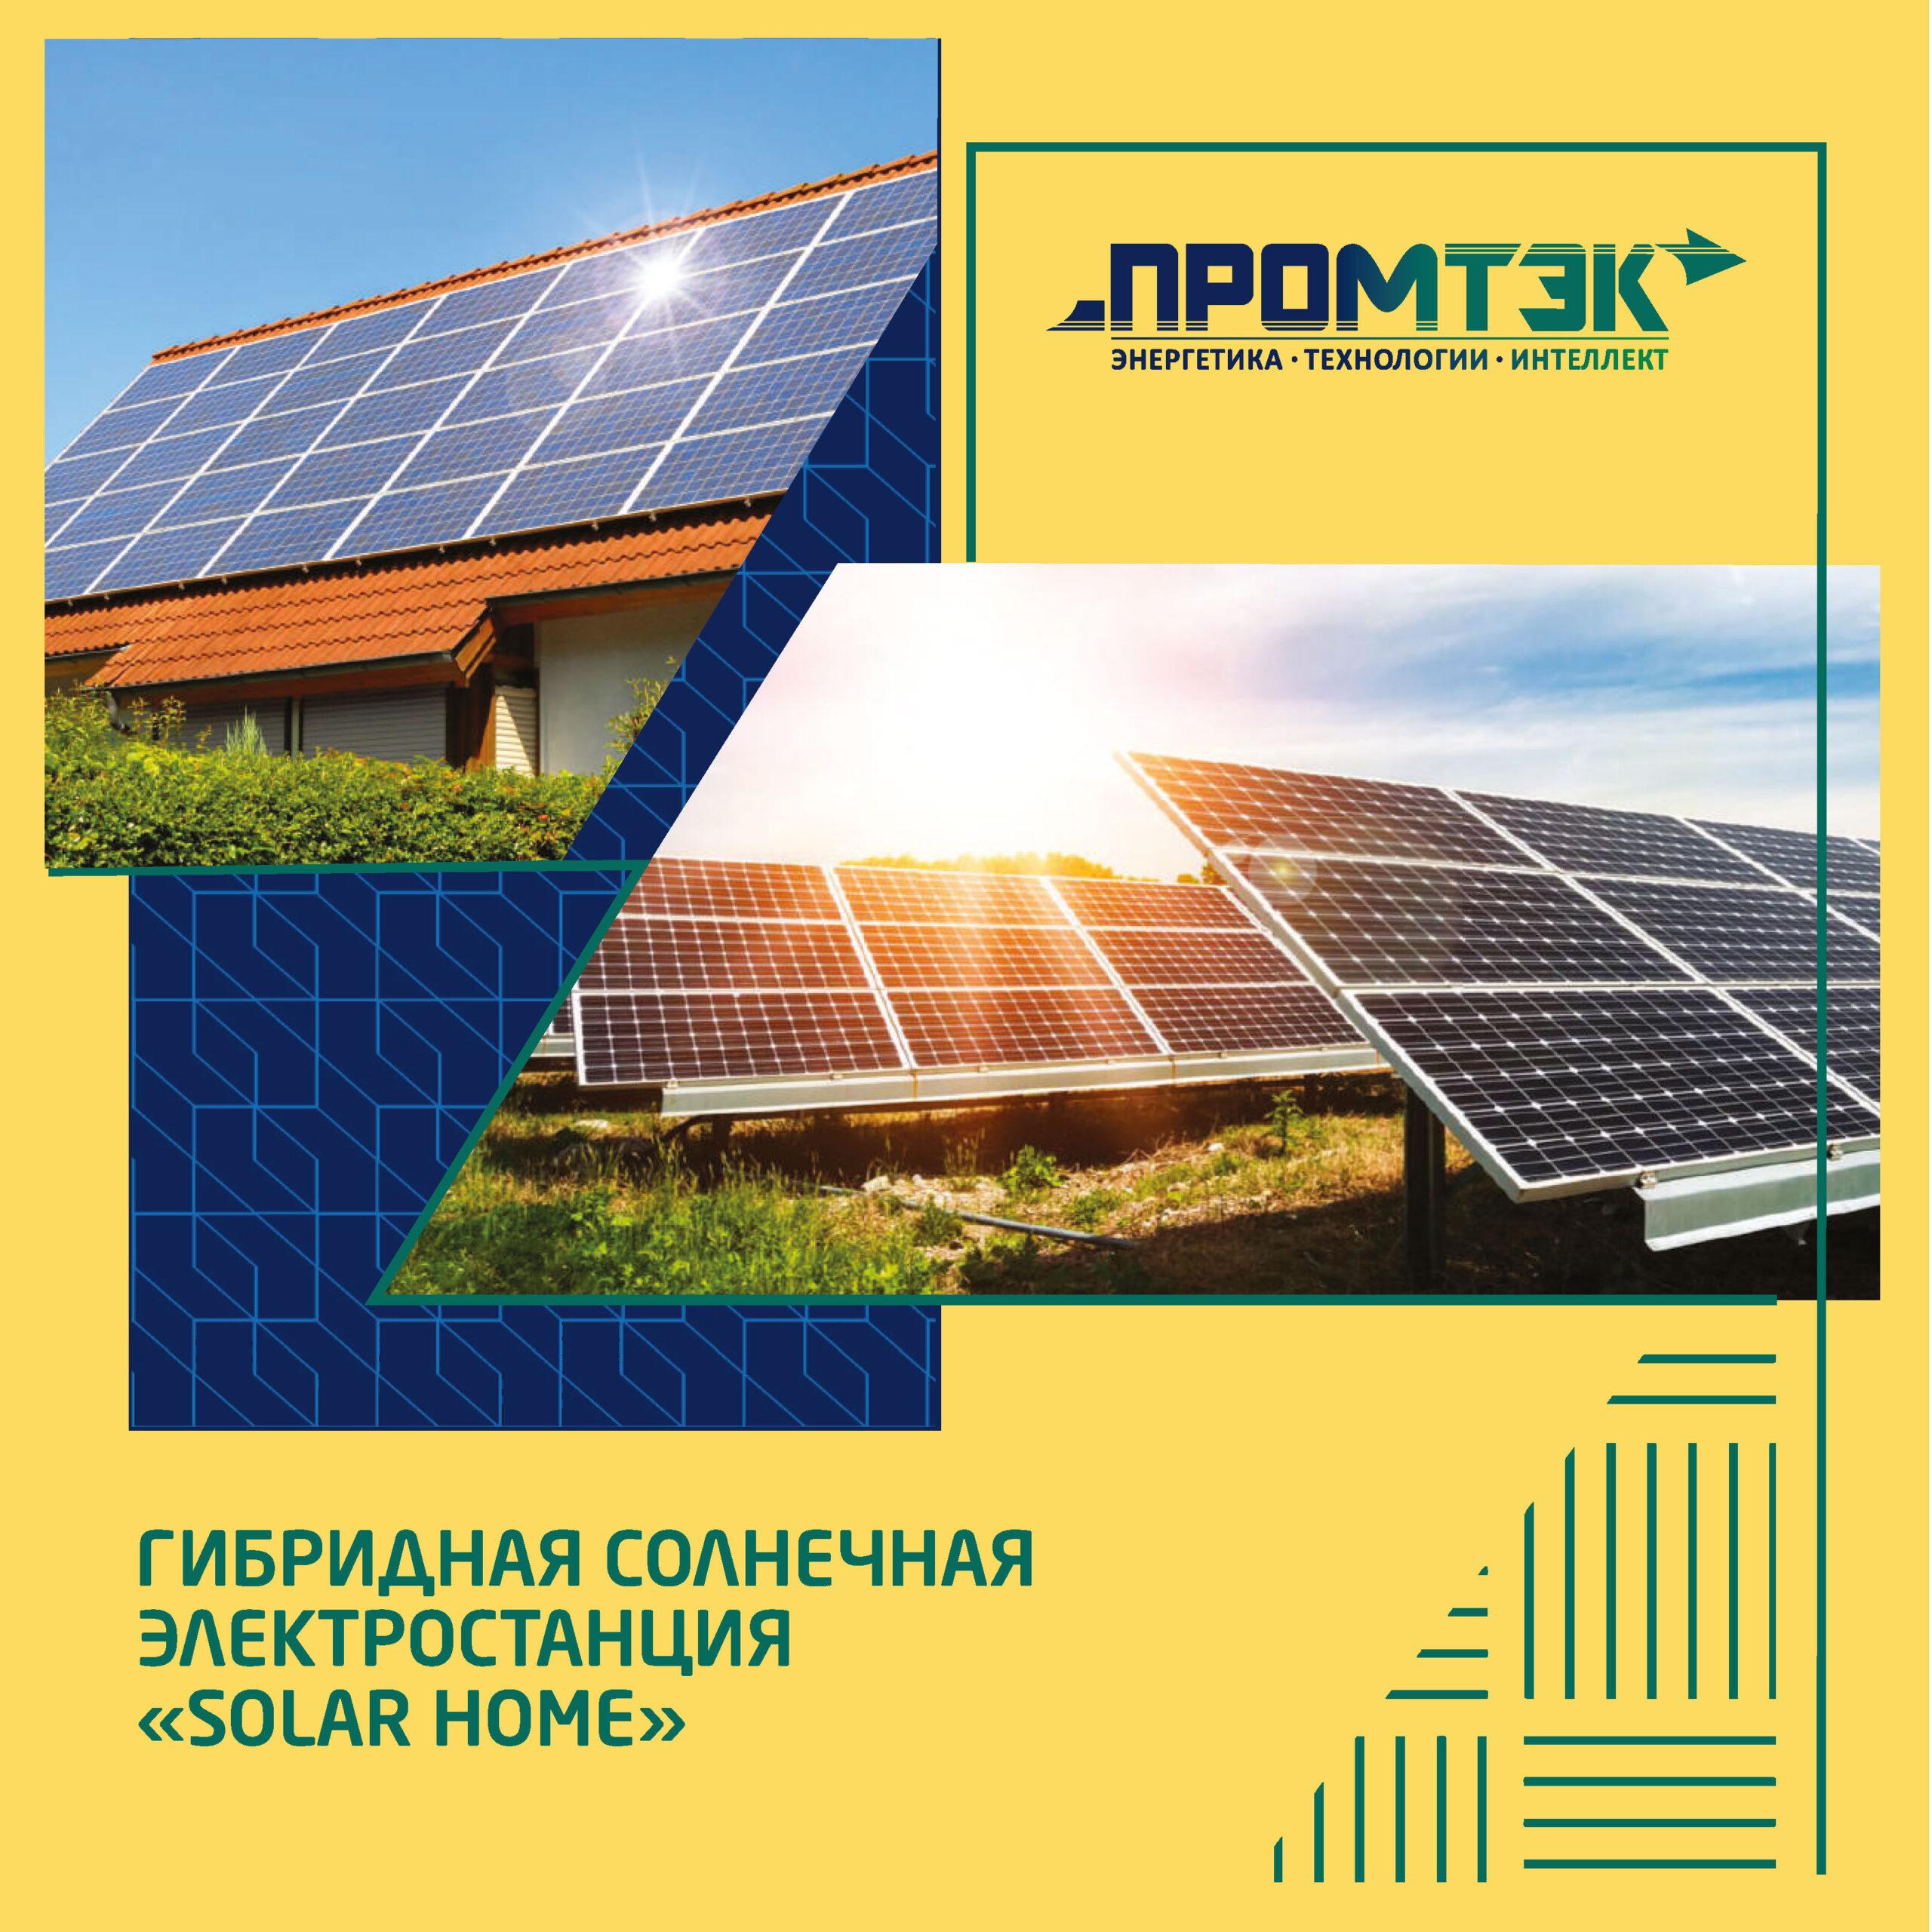 Альтернативное решение электрификации